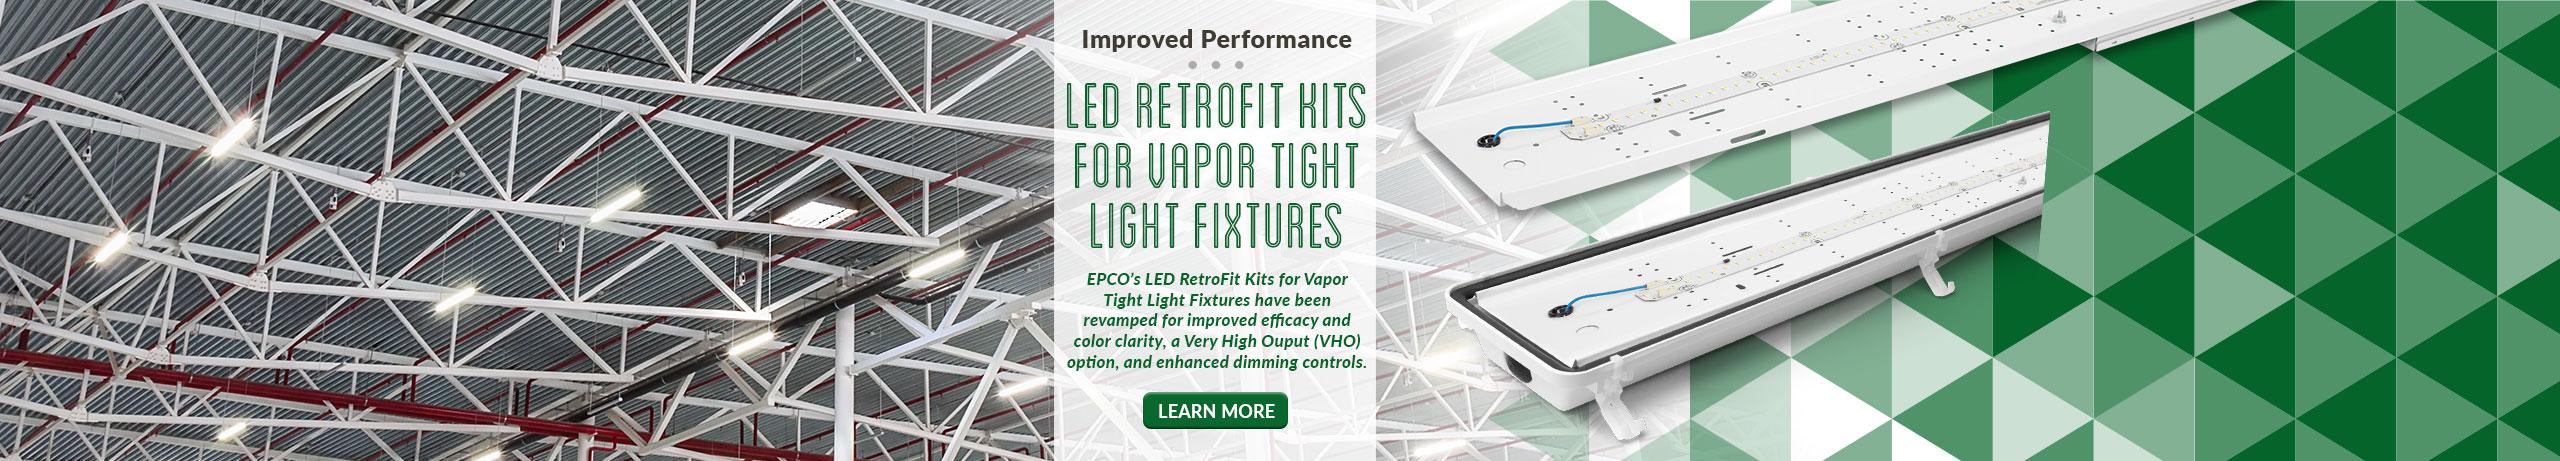 vapor tight led retrofit kits